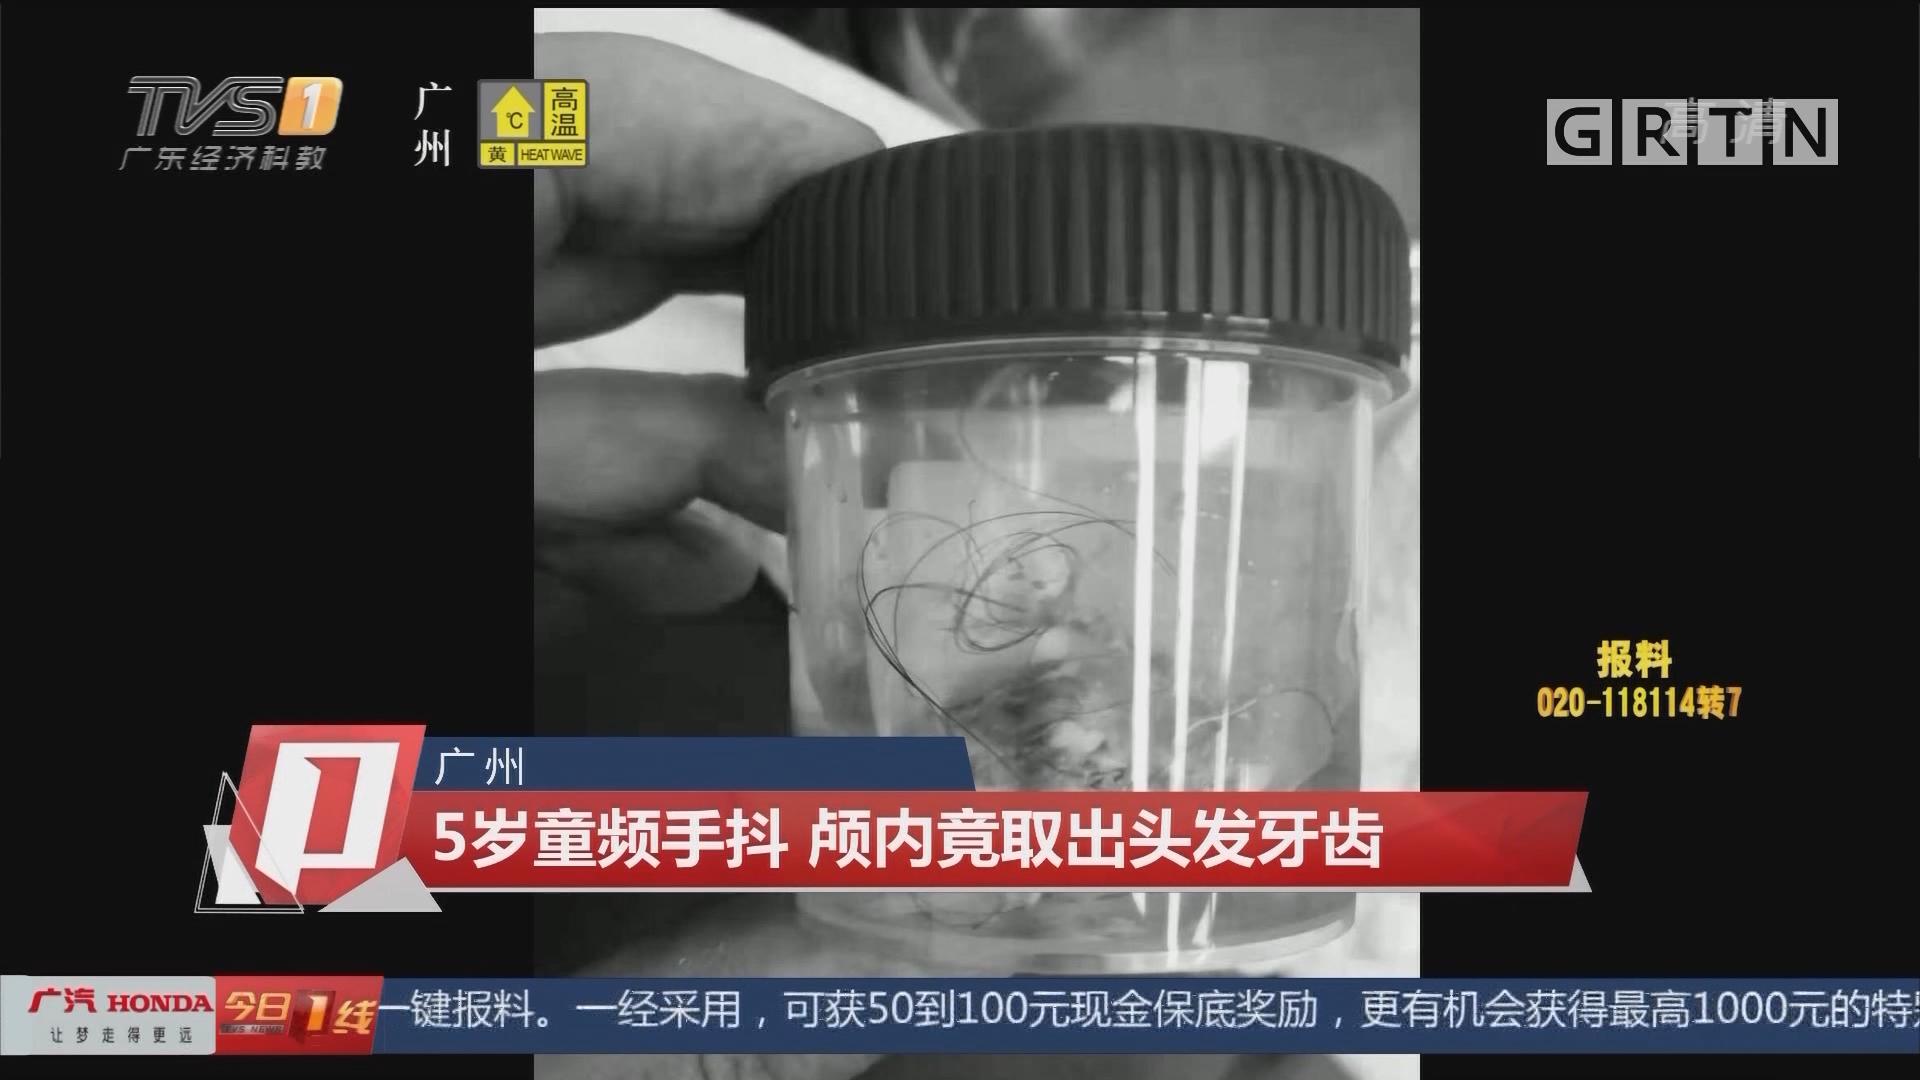 广州 5岁童频手抖 颅内竟取出头发牙齿